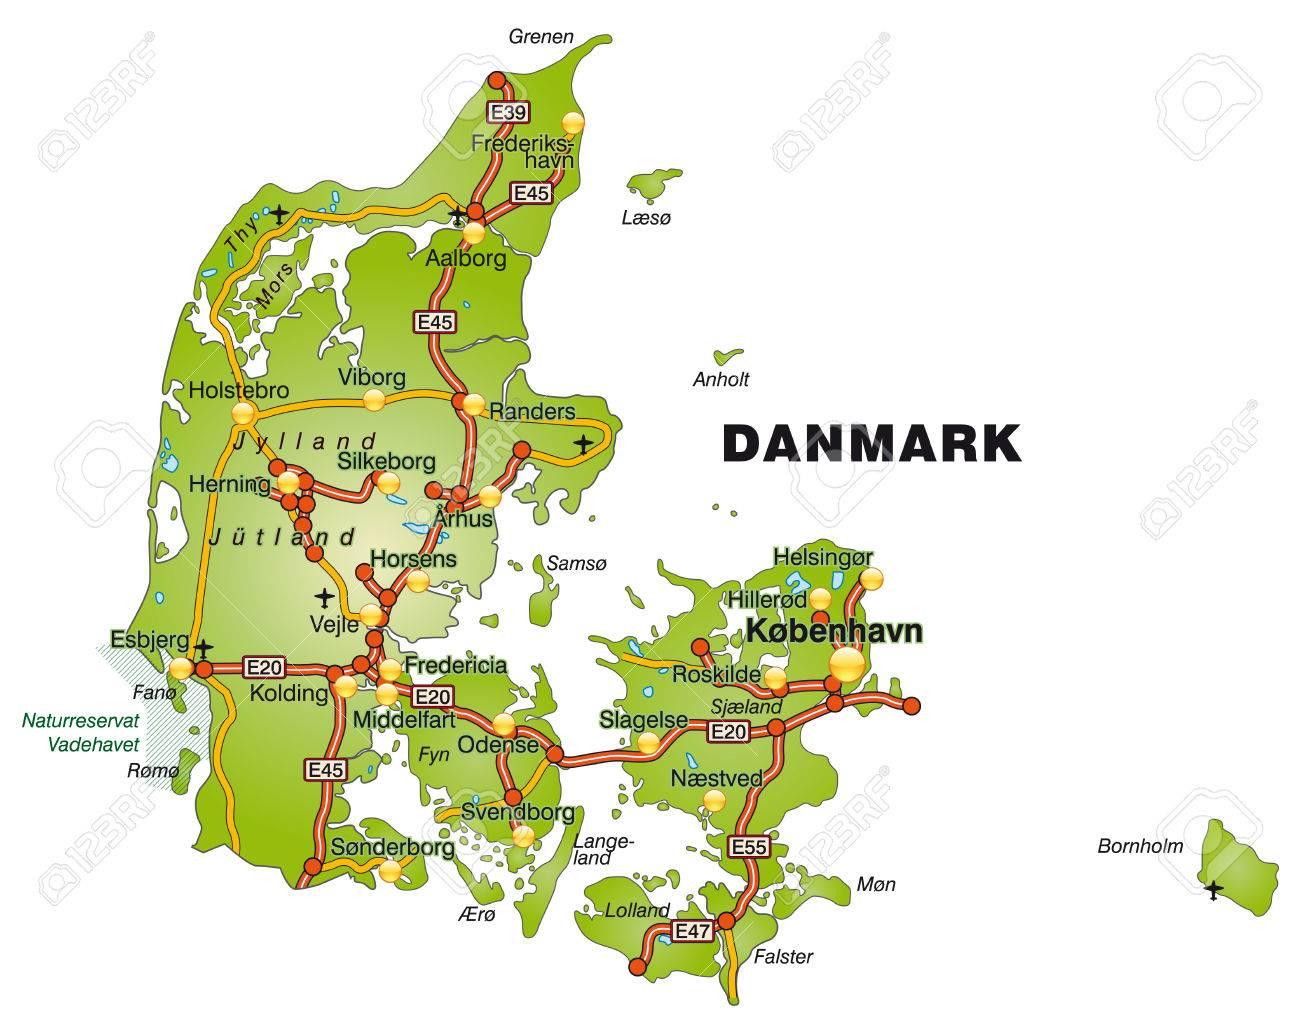 karte von dänemark Karte Von Dänemark Mit Autobahnen Lizenzfrei Nutzbare  karte von dänemark